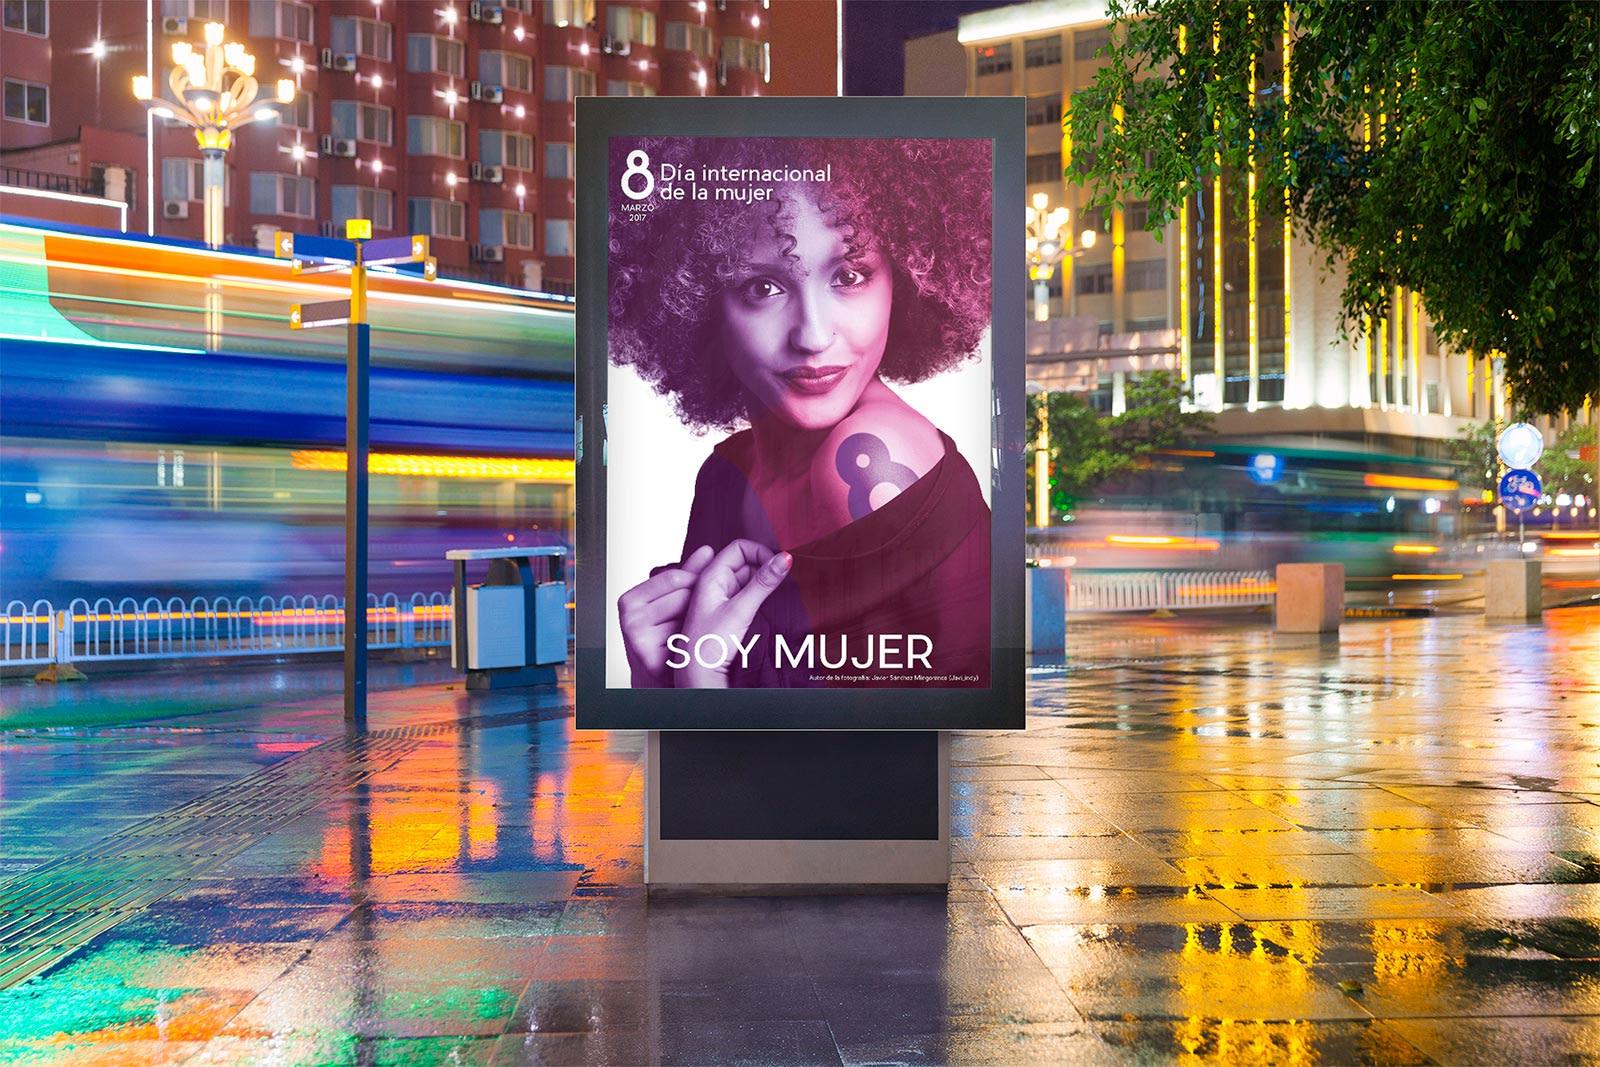 OPI - Propuesta campaña de publicidad - Día Internacional de la Mujer (Valladolid)(2018)